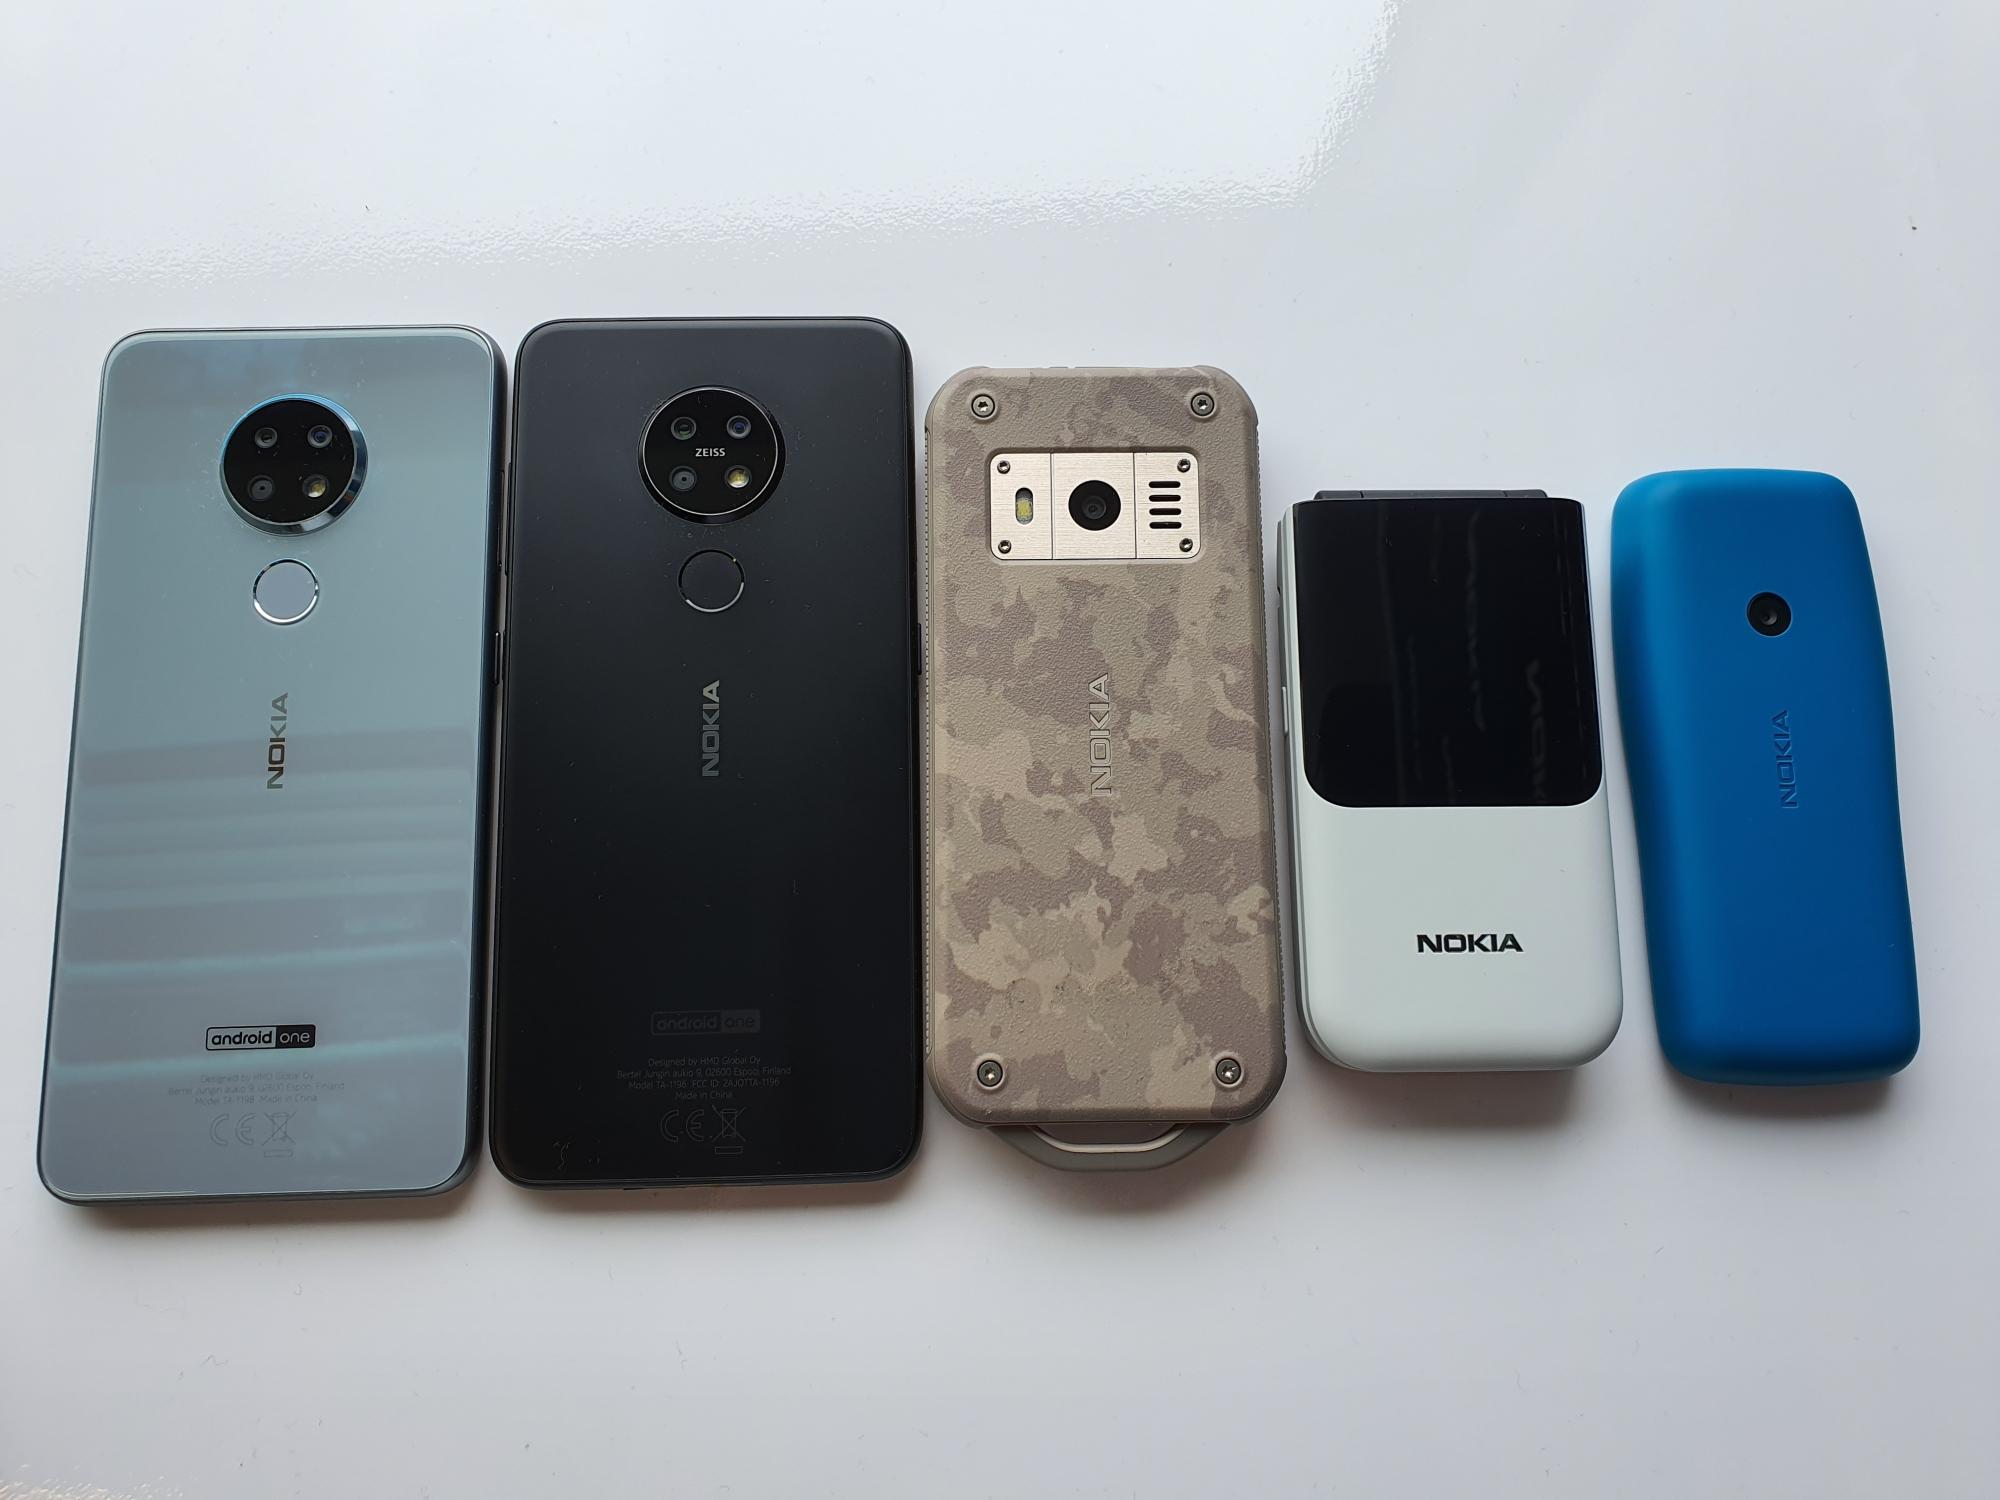 Festiwal nowości Nokii: słuchawki, dwa smartfony i trzy telefony 23